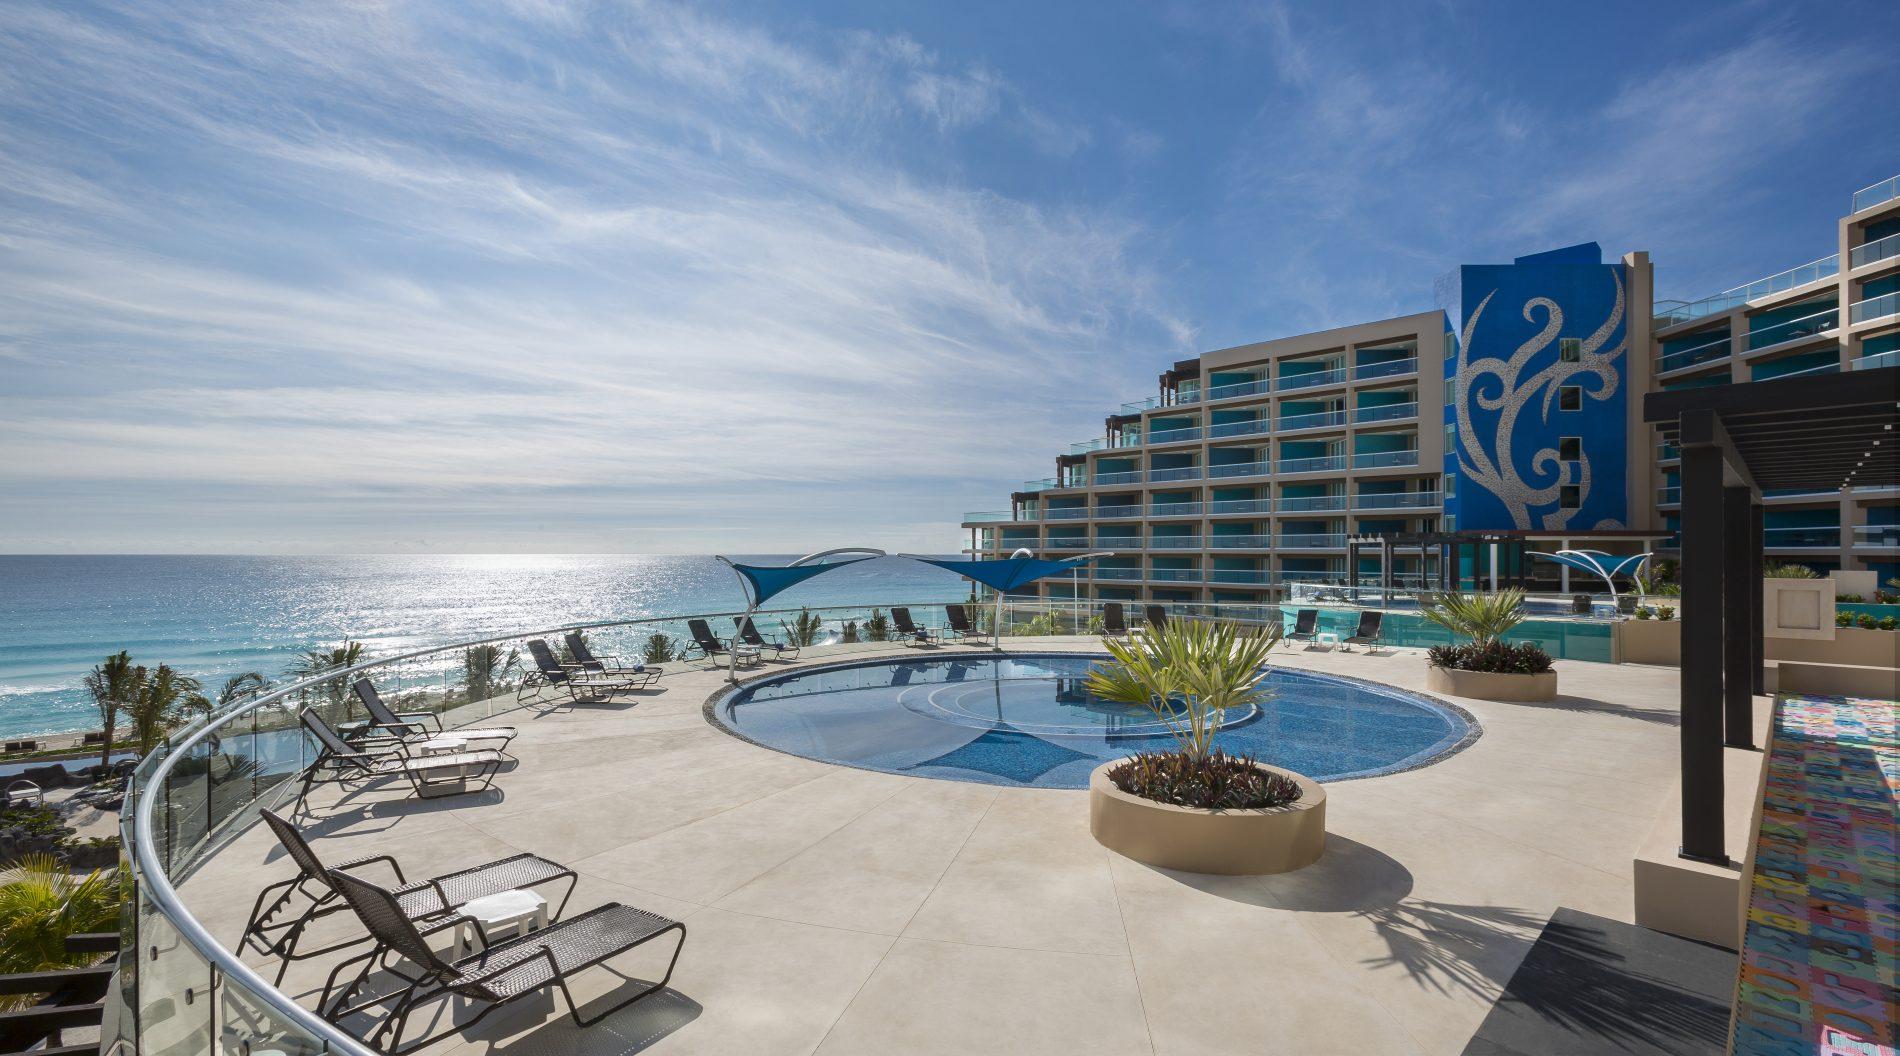 Parque aquático do Hard Rock Hotel Cancun, com o mar do Caribe ao fundo (Foto: Divulgação)